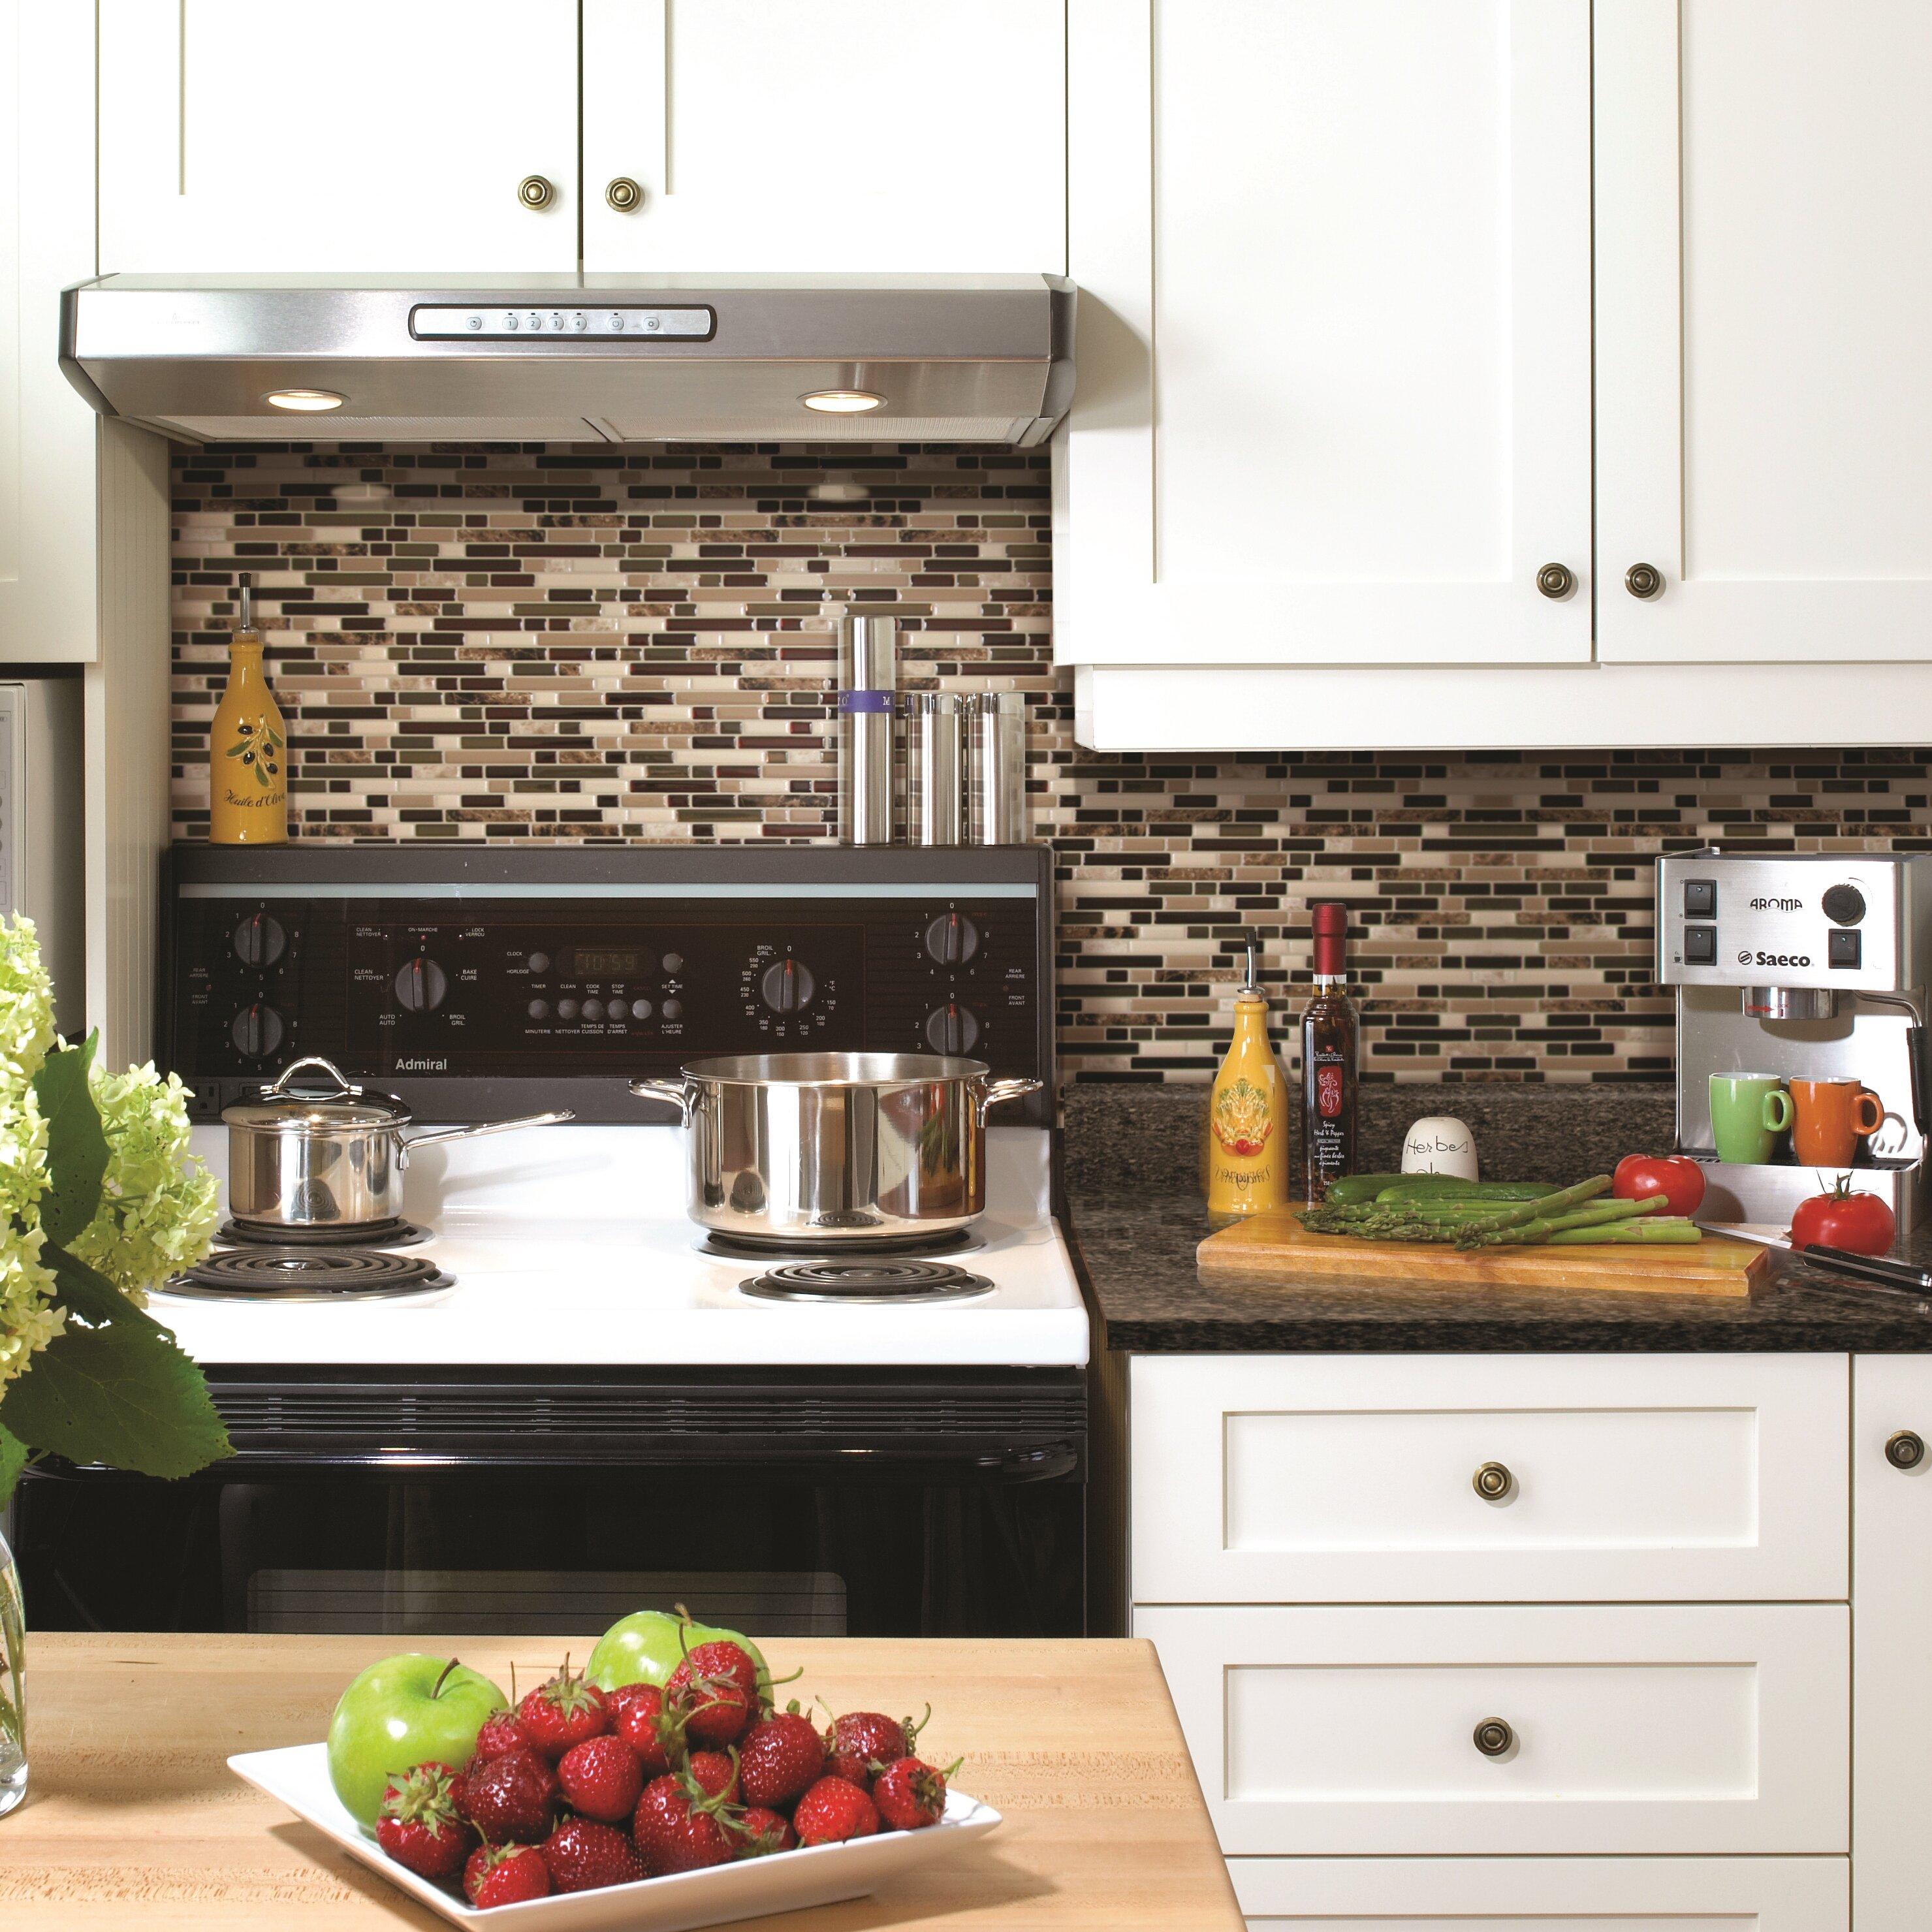 Keystone Kitchens gdvycdpwhh – Keystone Kitchen and Bath